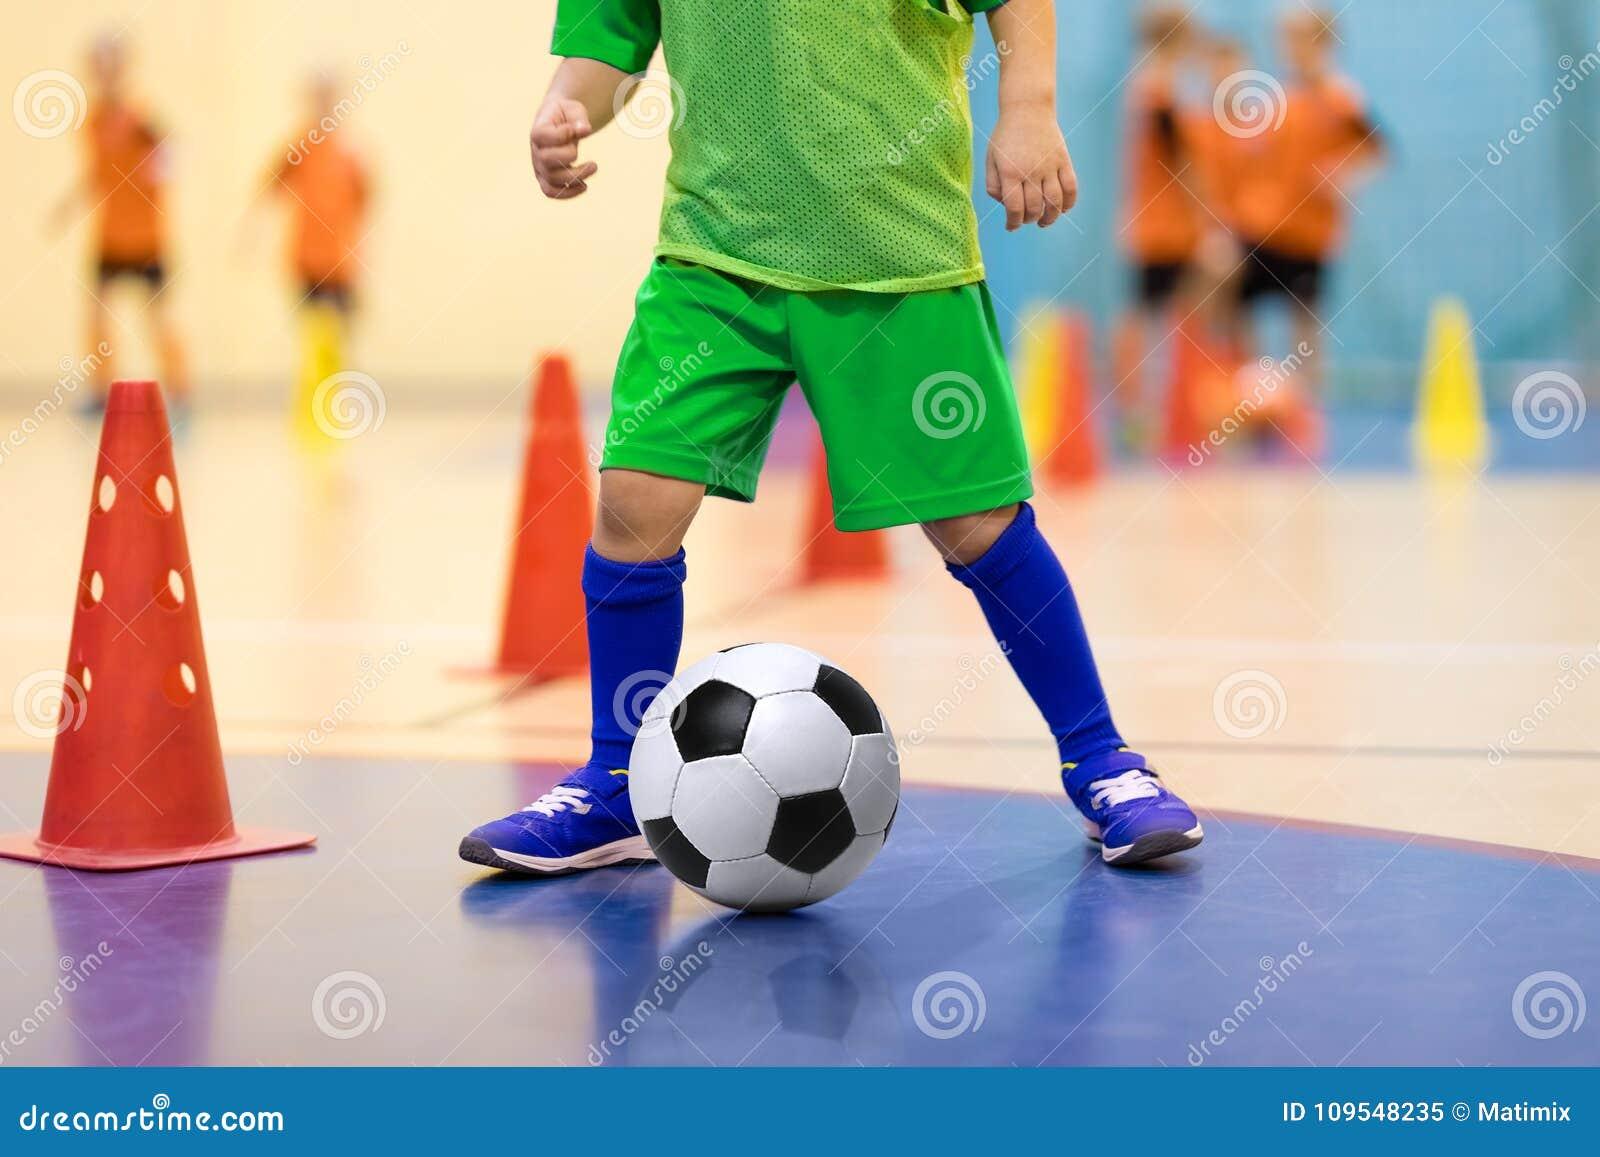 Jugador joven del fútbol sala con un balón de fútbol en un pasillo de deportes Jugador en uniforme del verde Fondo del deporte